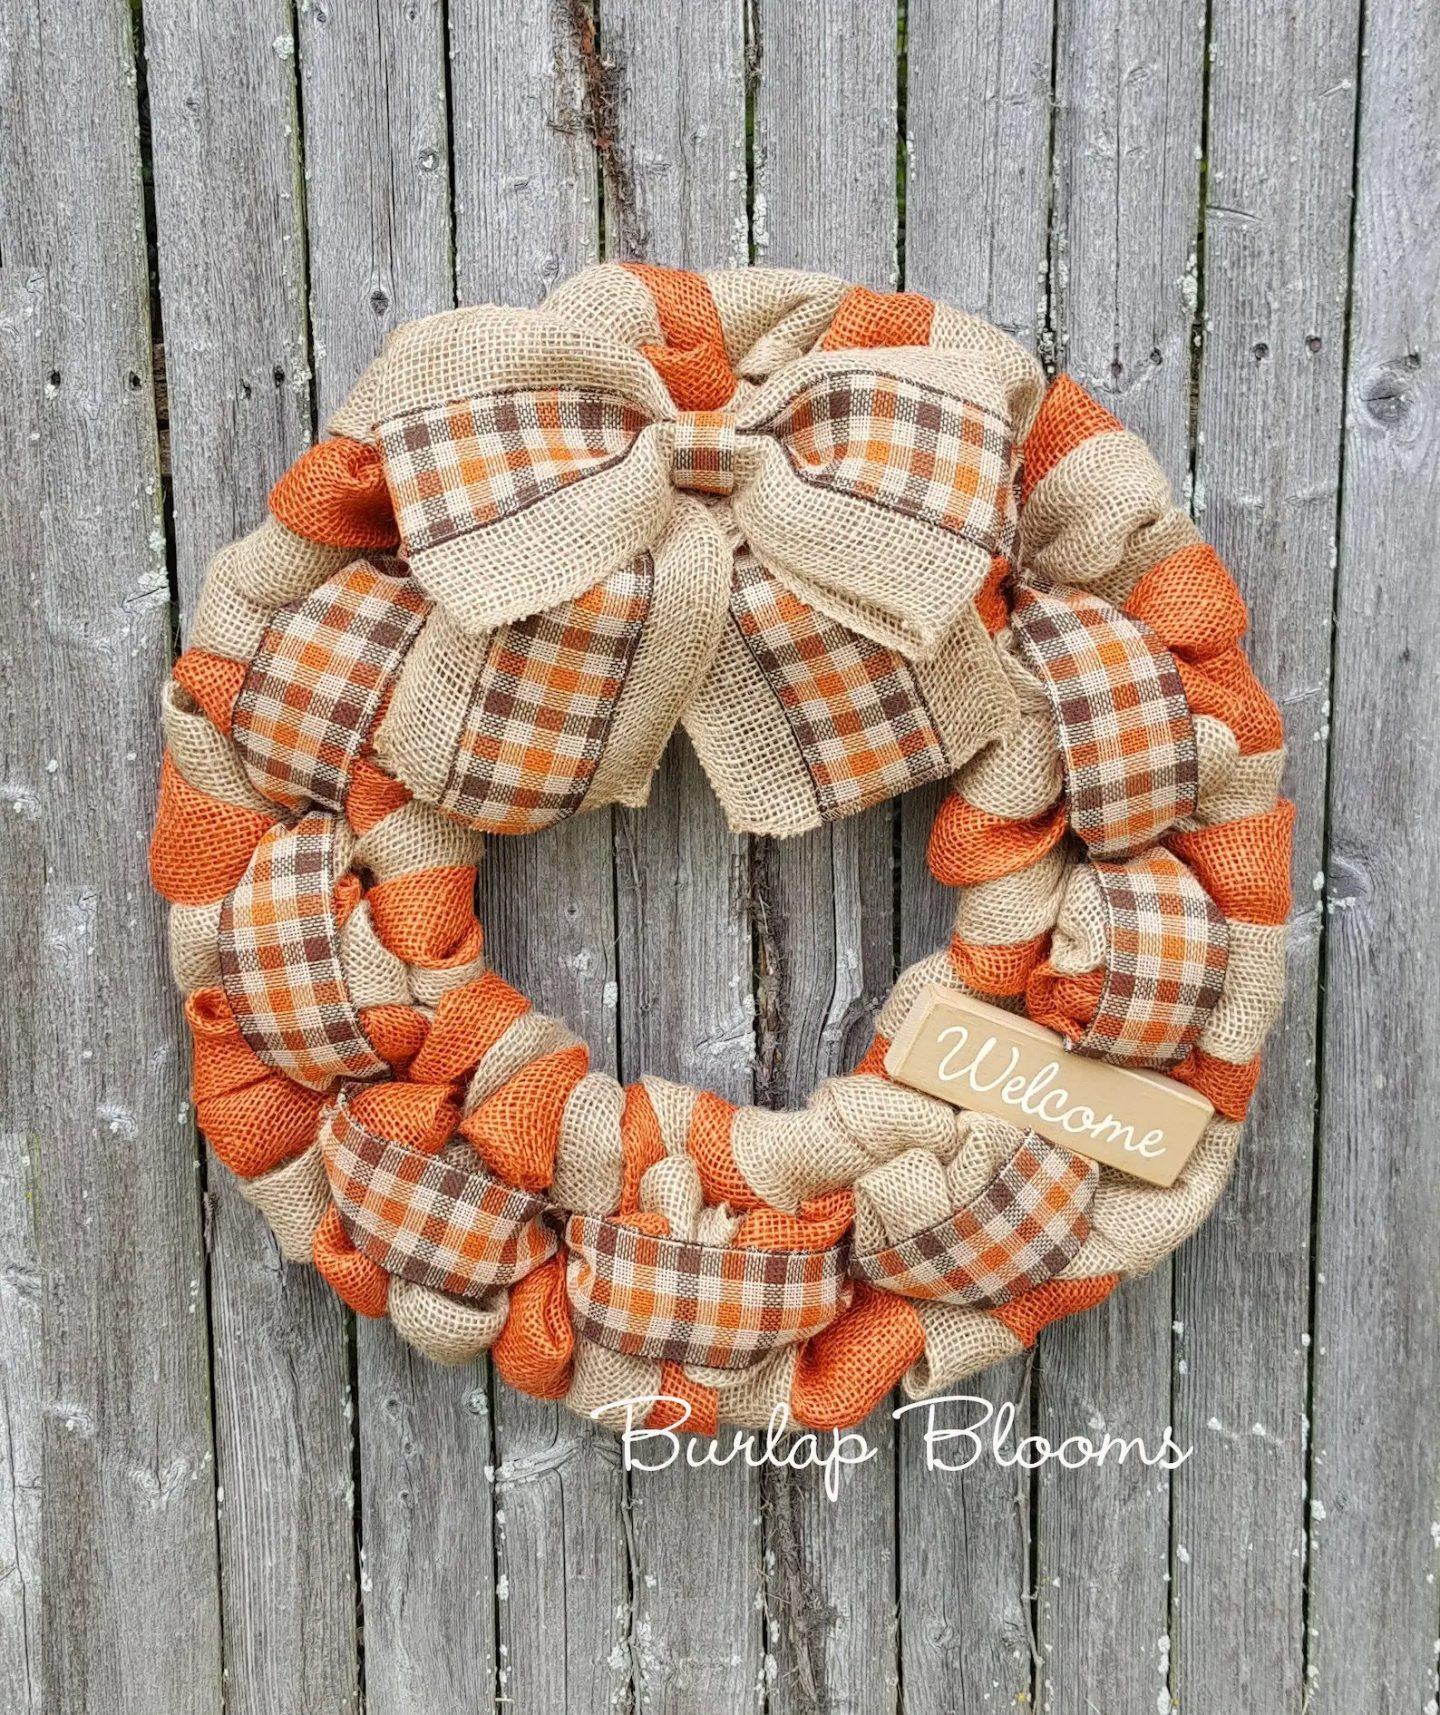 Orange burlap Thanksgiving wreath